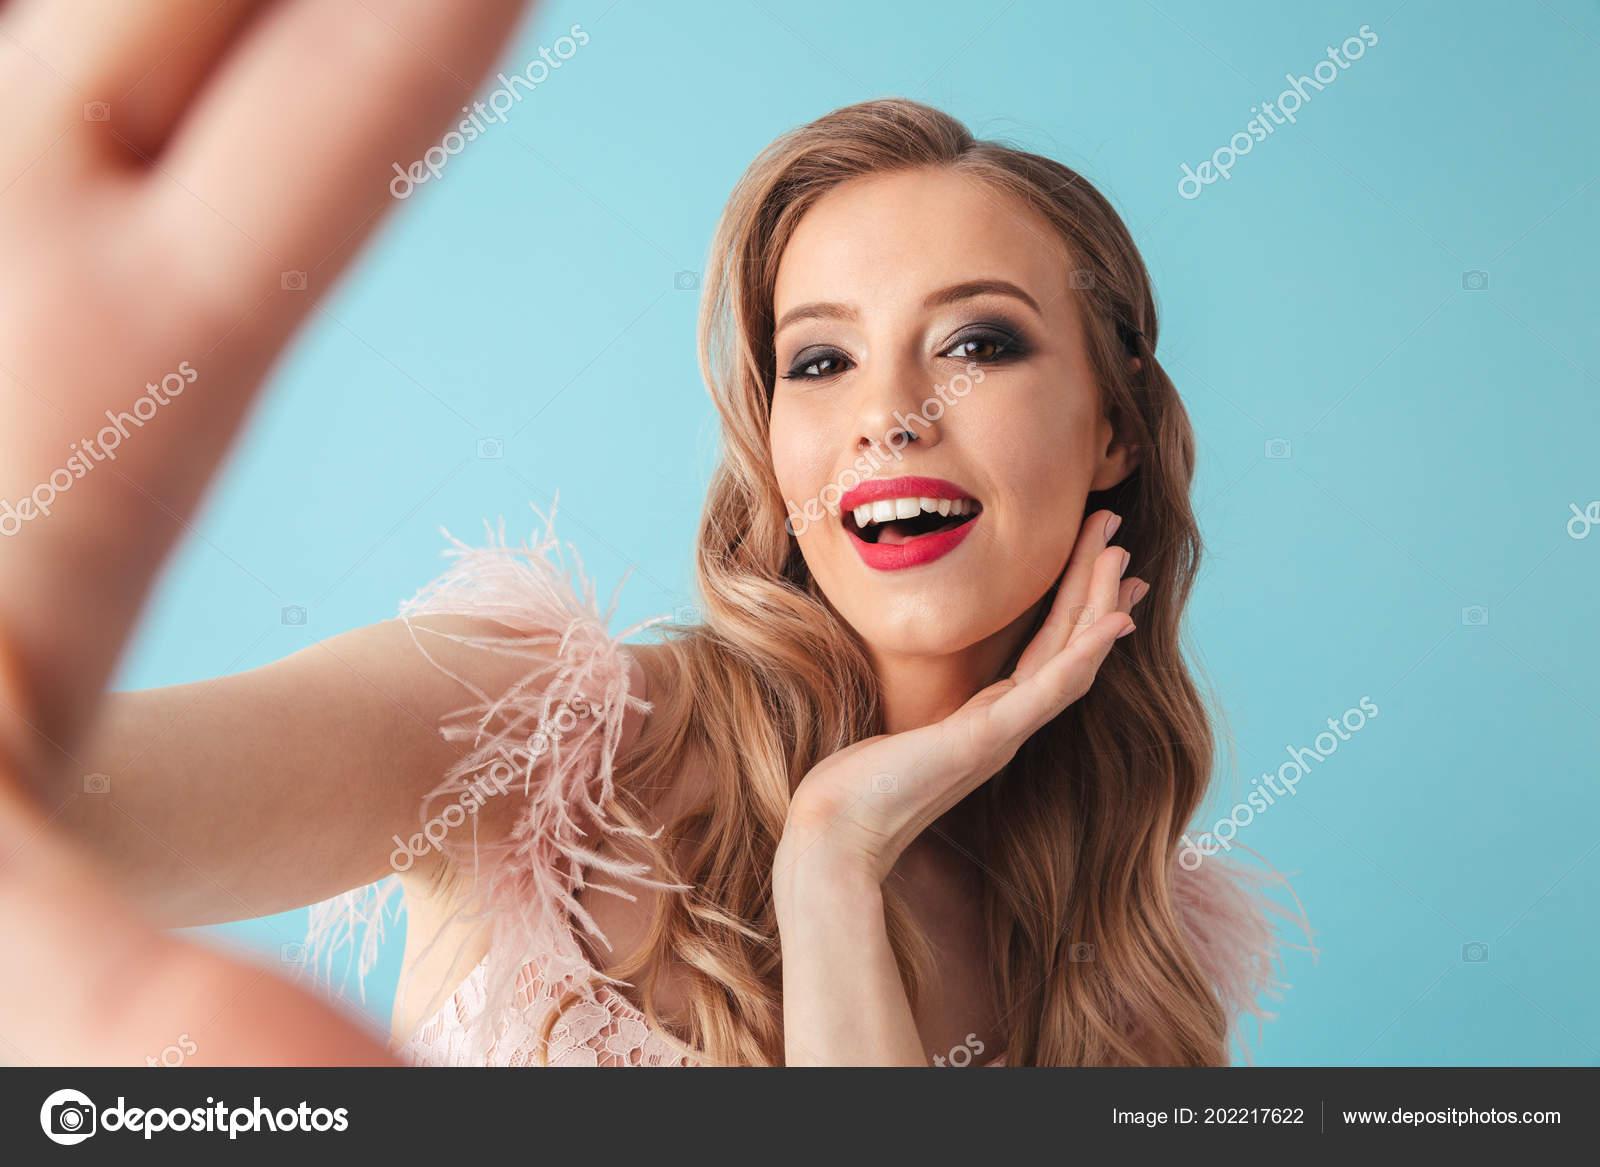 blondinka-delaet-priyatno-foto